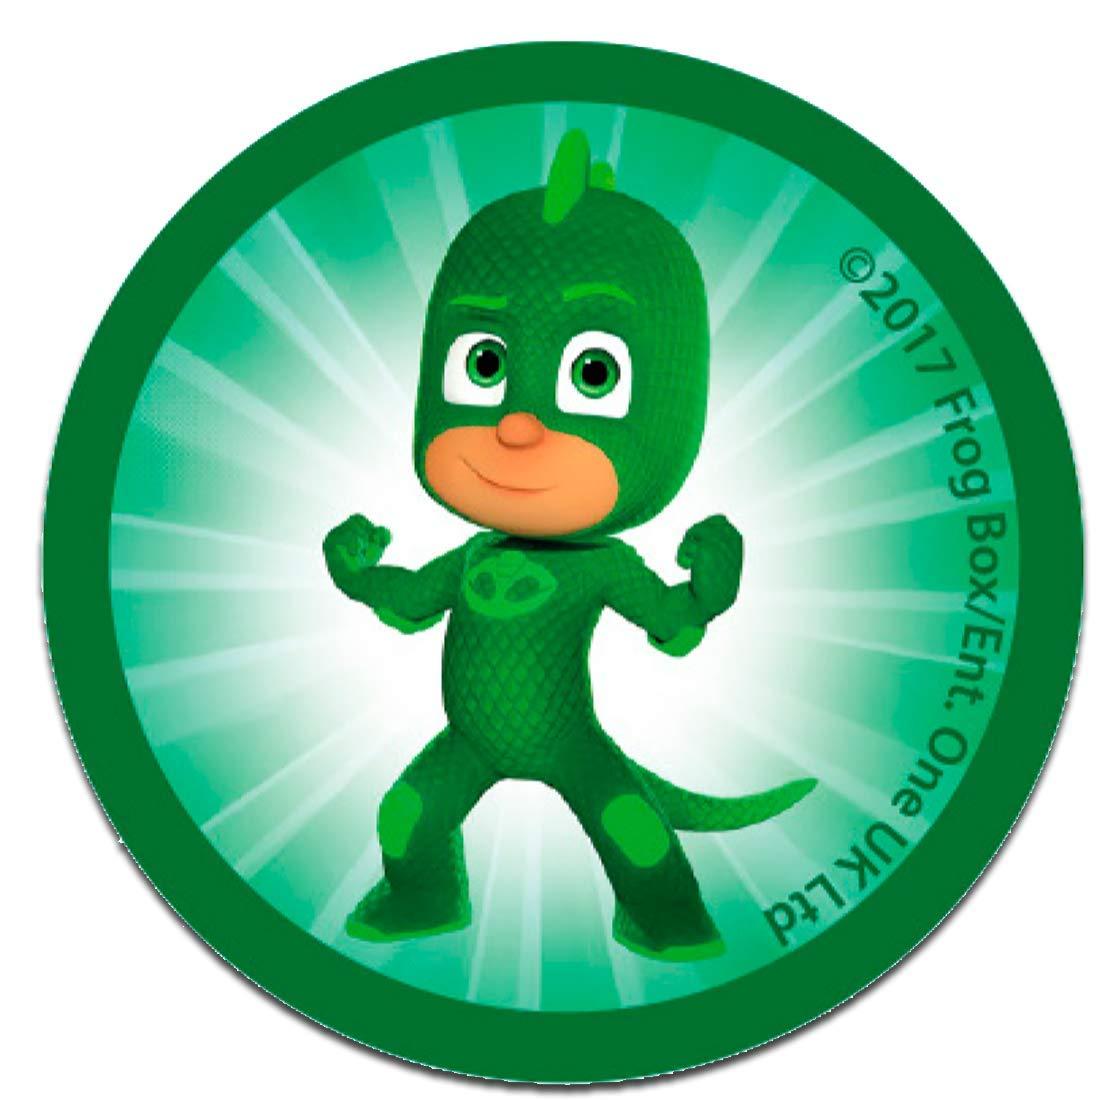 Parches - PJ MASKS Héroes en pijamas GEKKO Disney - verde - 6,2 x 6,2 cm - by catch-the-patch termoadhesivos bordados aplique para ropa: Amazon.es: Hogar